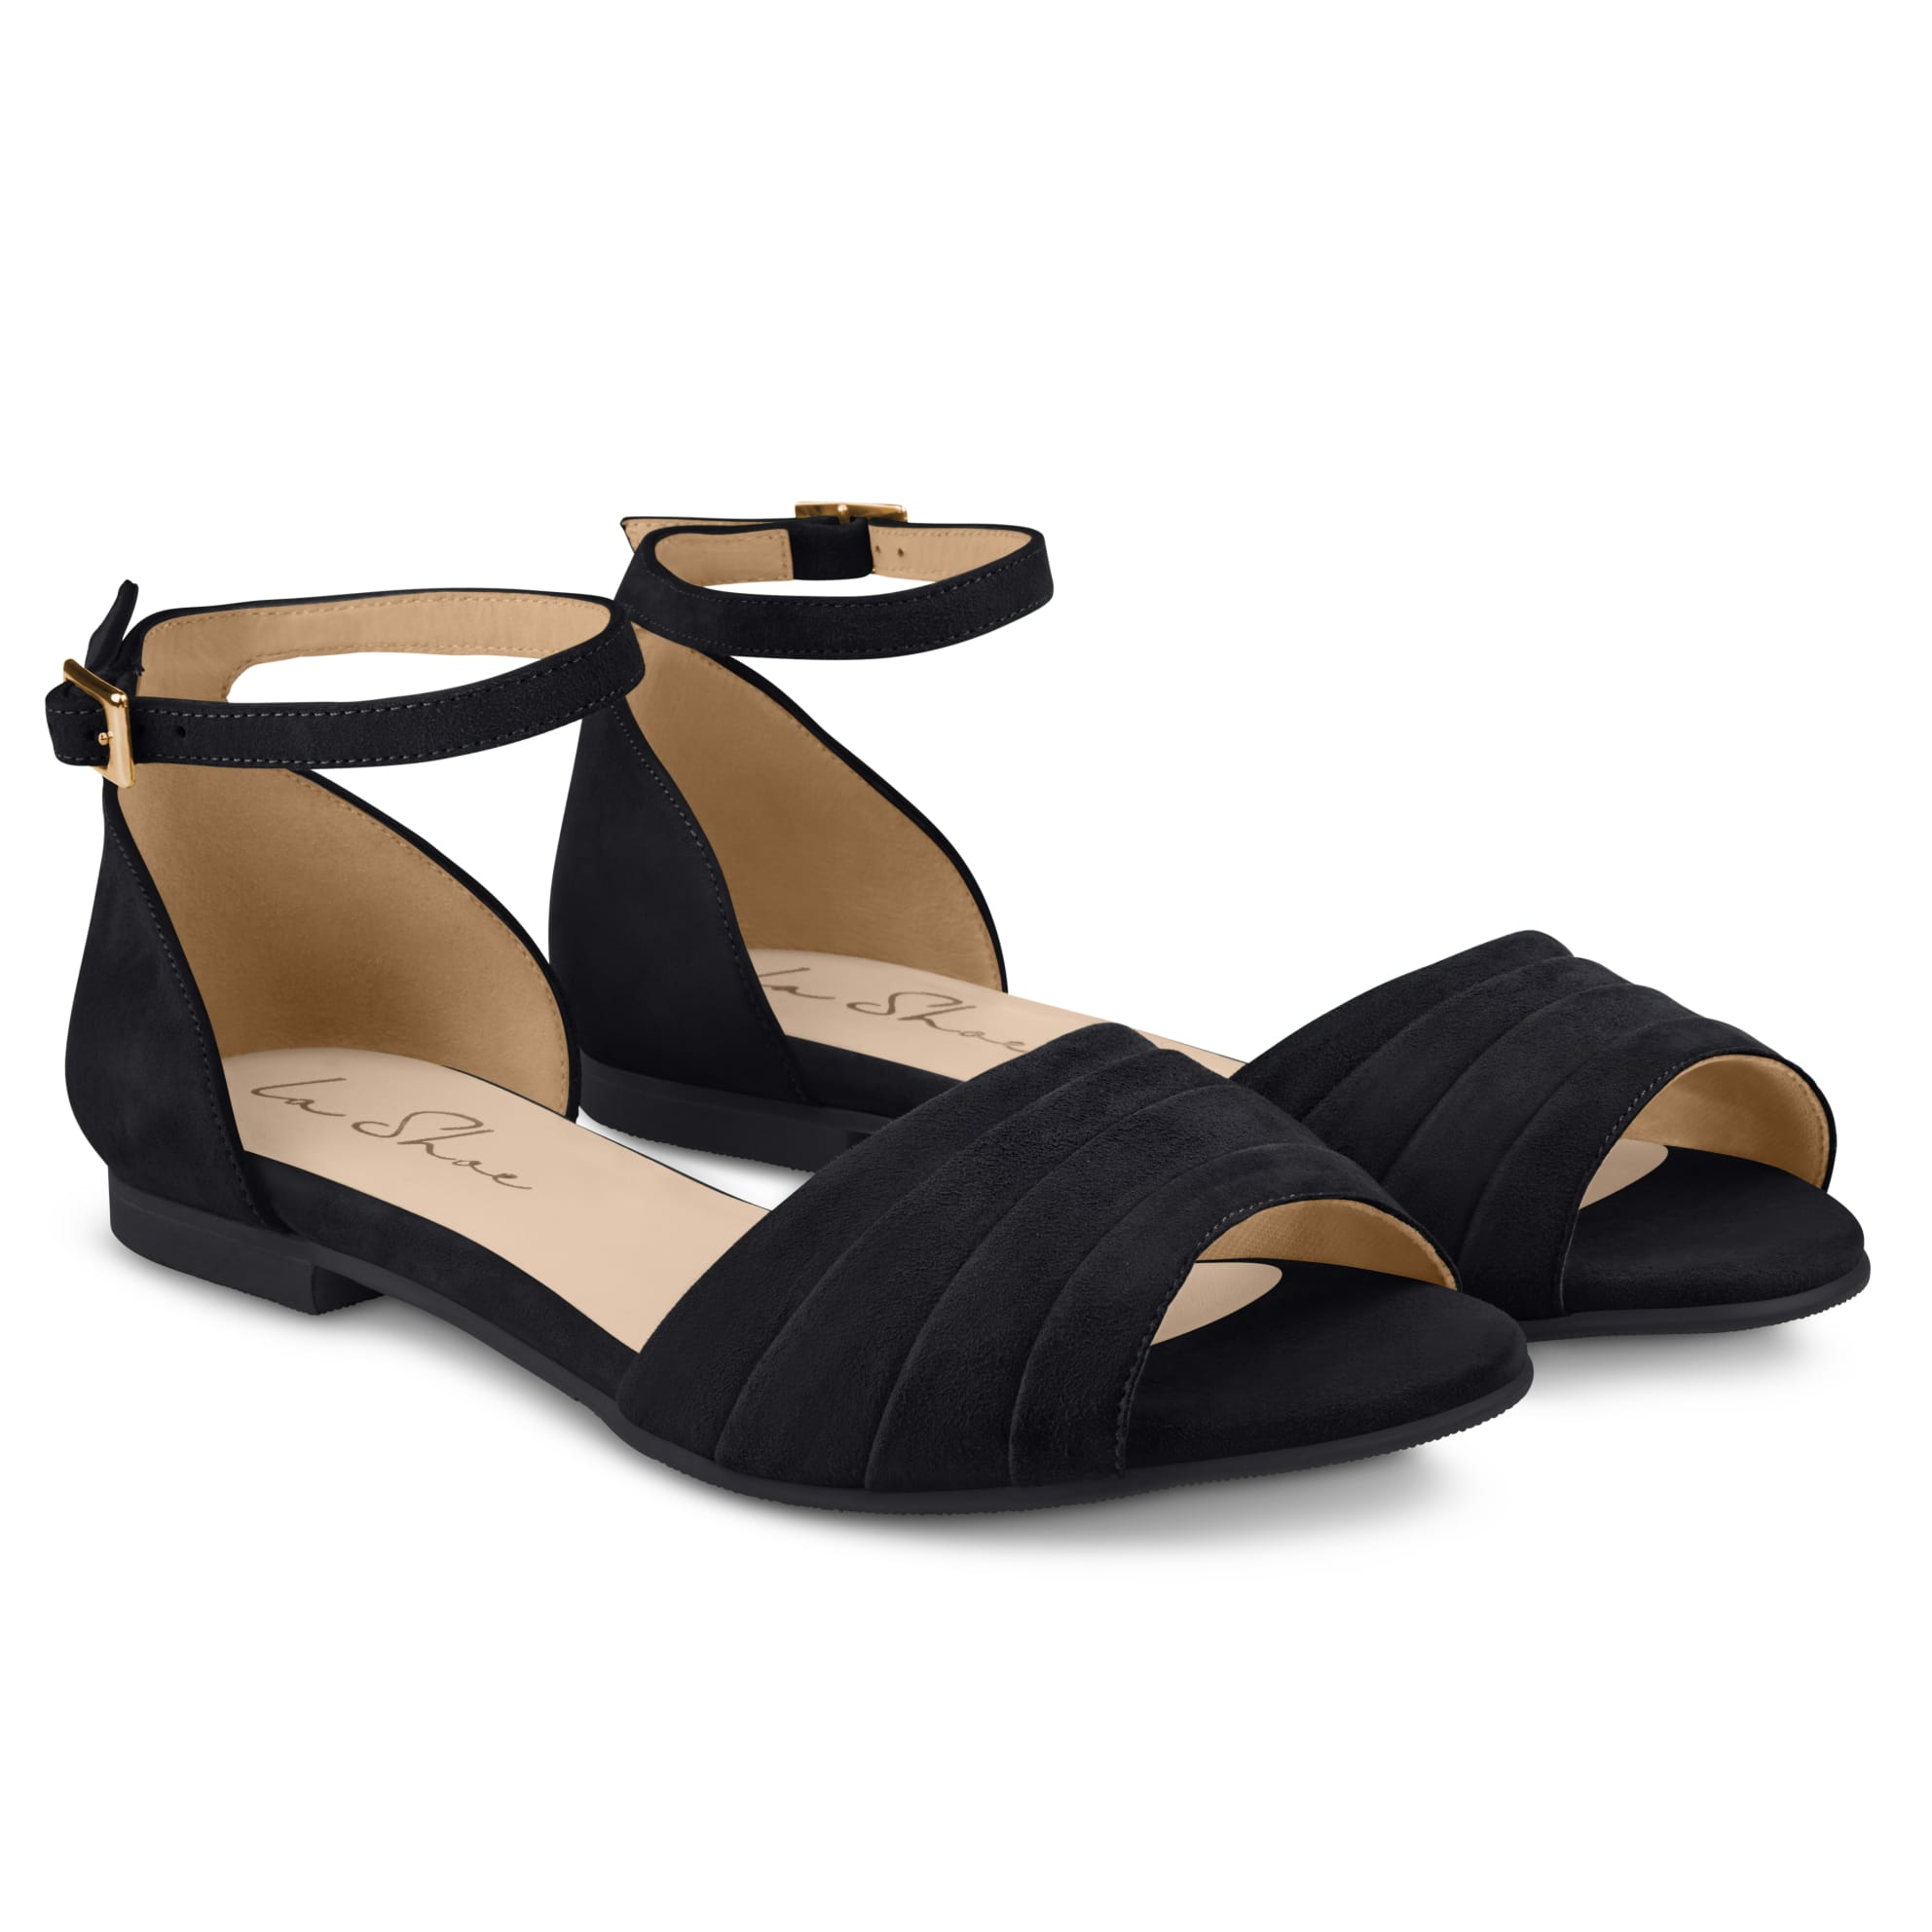 Sandale mit gefaltetem Riemchen Schwarz – modischer und bequemer Schuh für Hallux valgus und empfindliche Füße von LaShoe.de